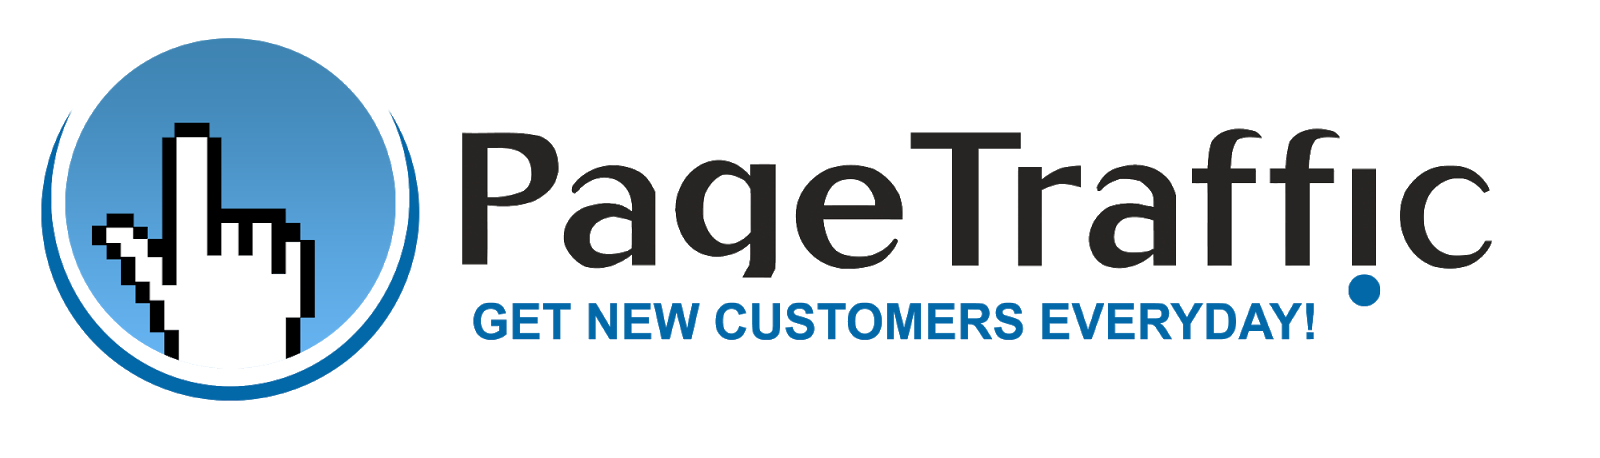 PageTraffic Logo - Digital Marketing Agencies in Delhi